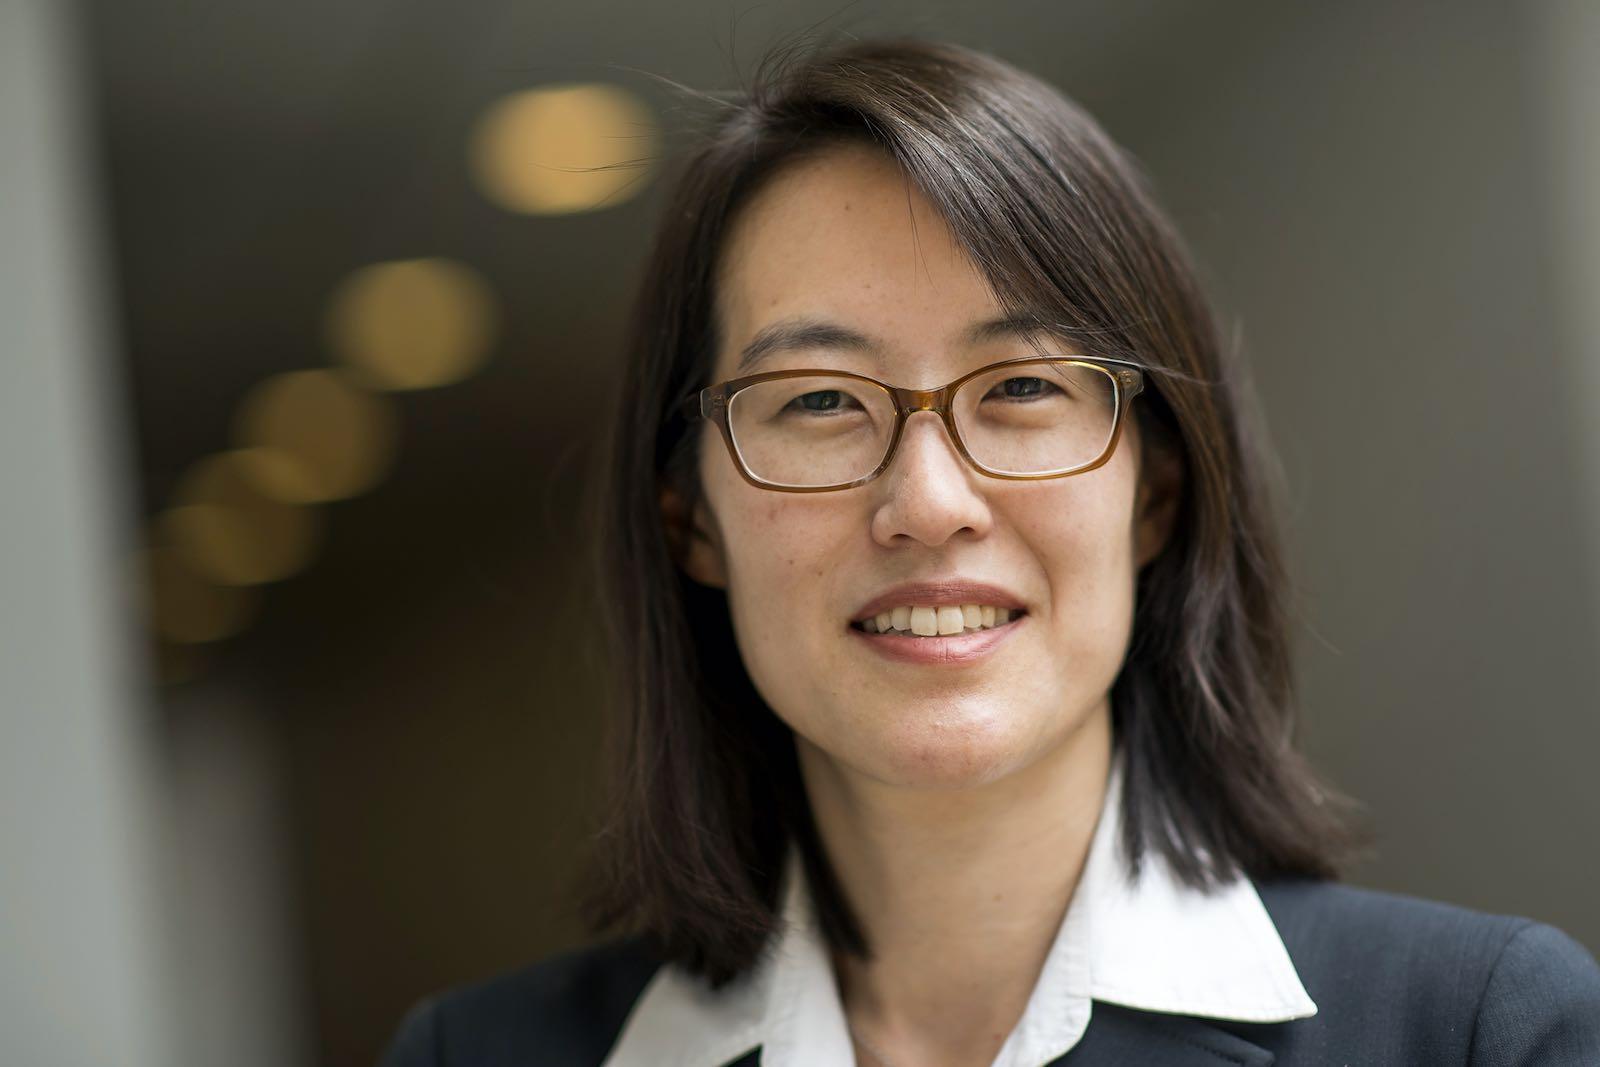 Ellen K. Pao, 2016